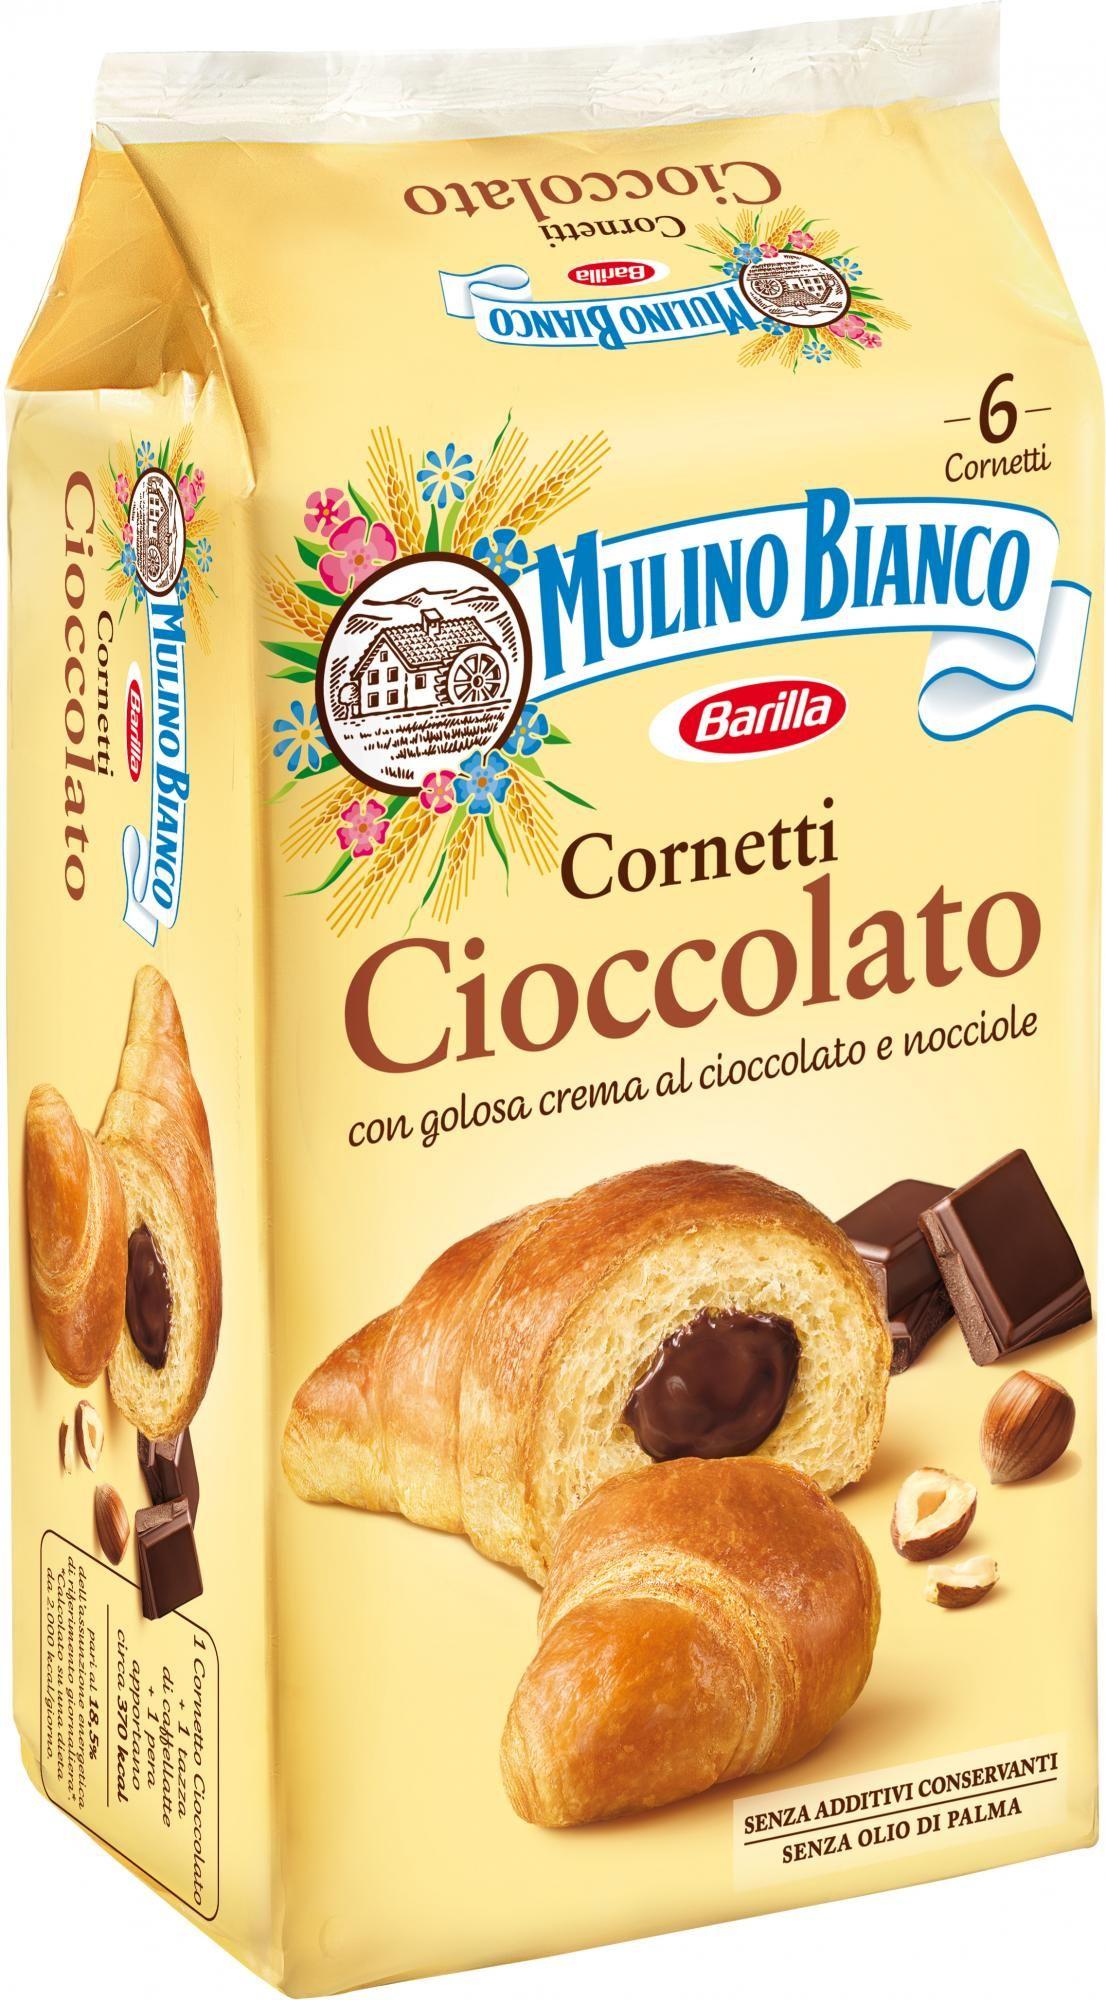 Cornetti al Cioccolato Mulino Bianco 330g